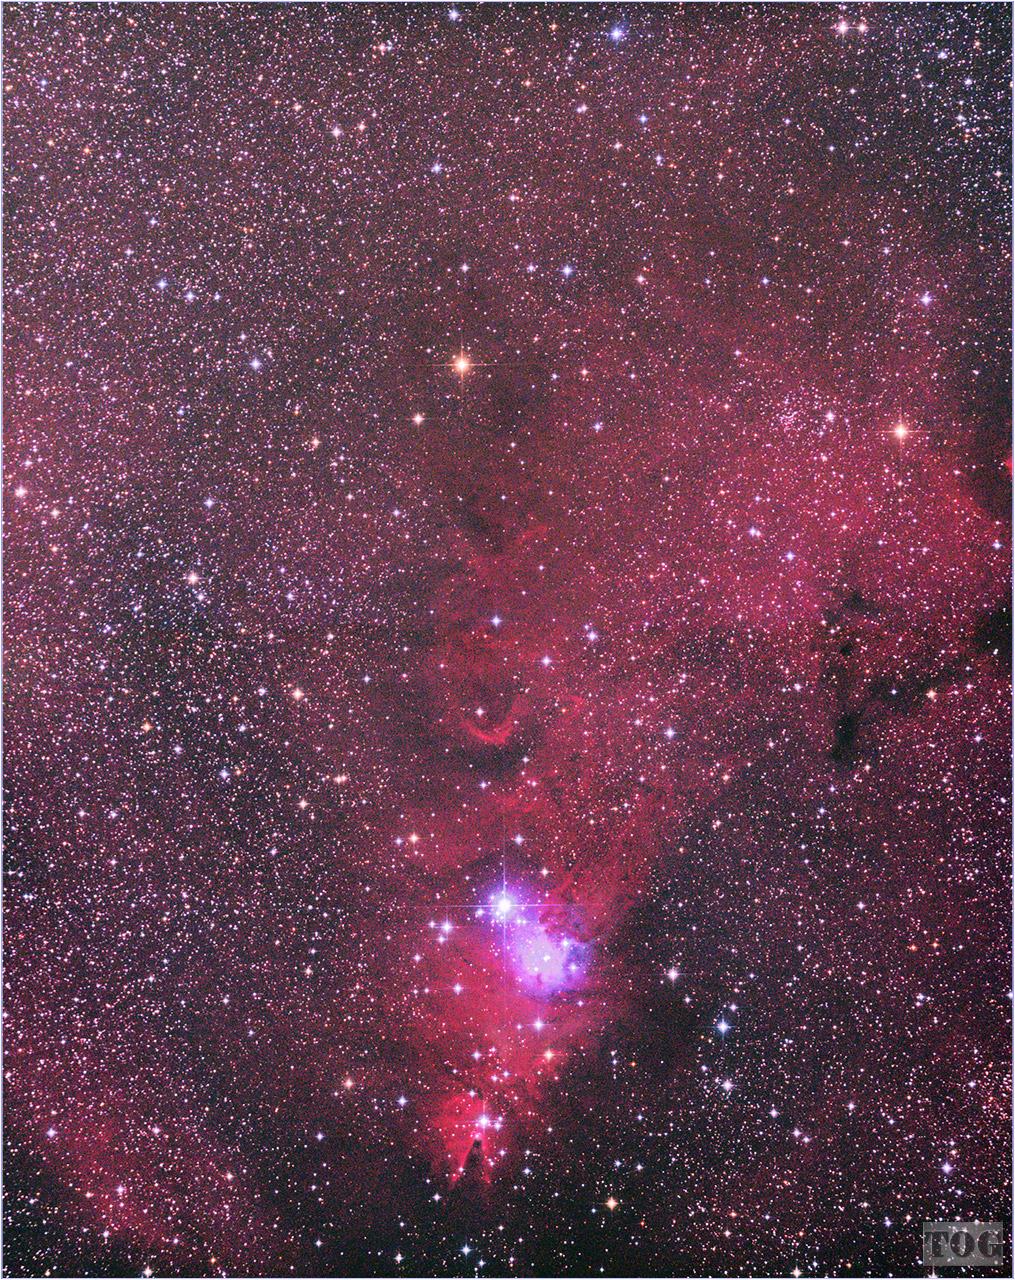 NGC2264_PI_VerN_20171025